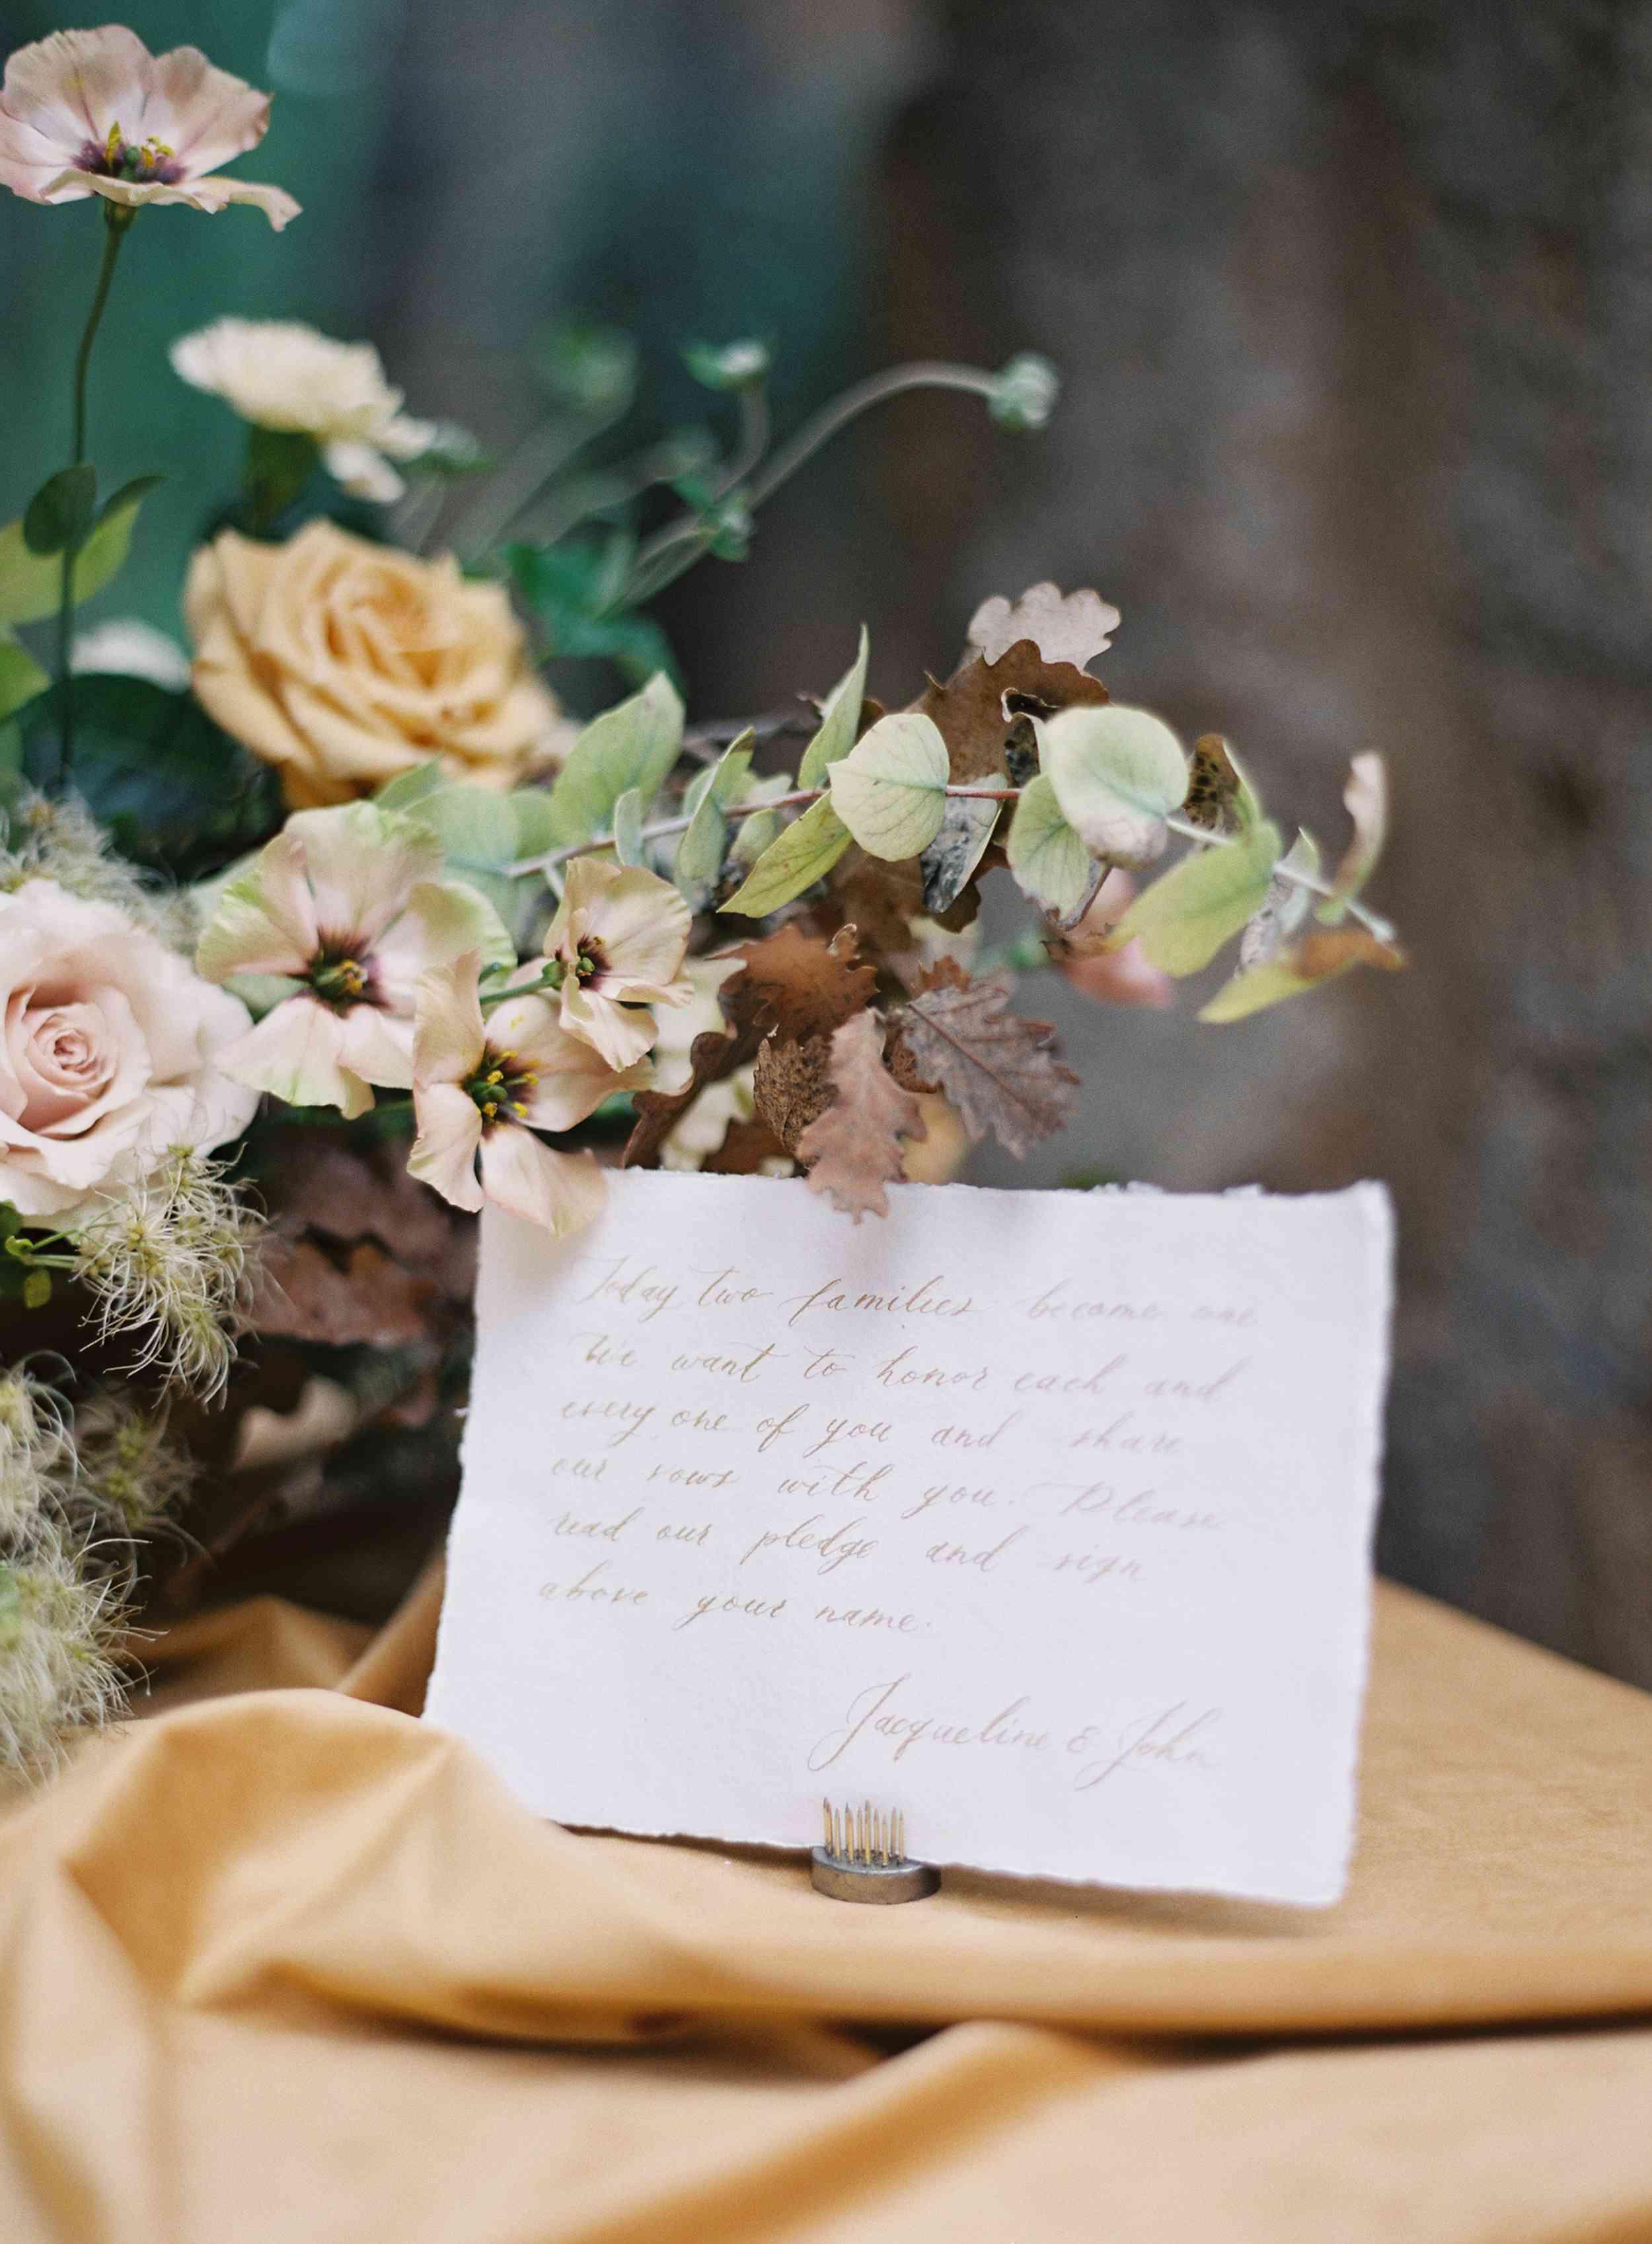 classic la badia italian wedding, calligraphy bible verse